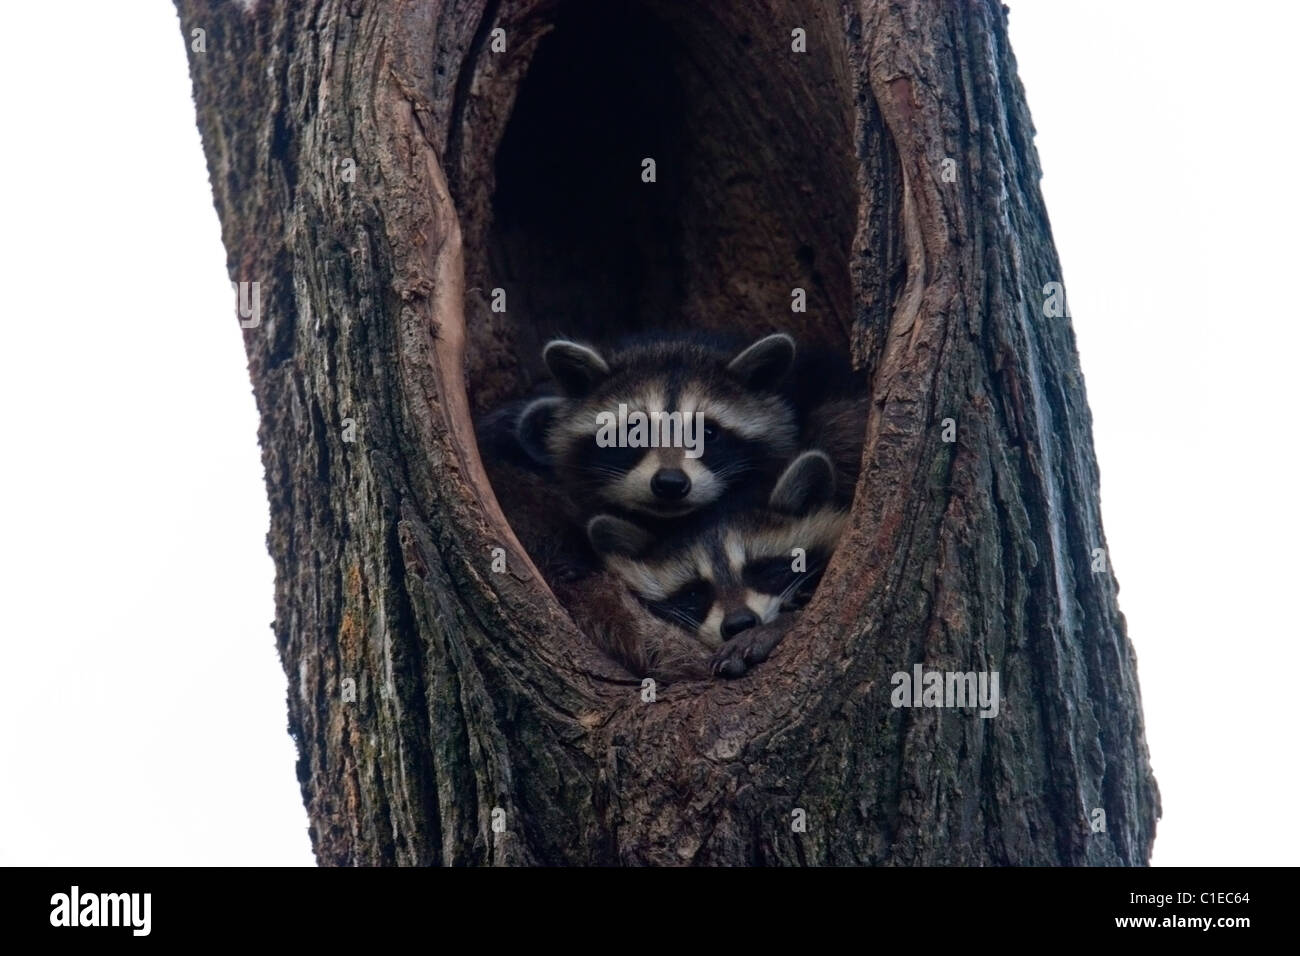 Los mapaches bebé lindo árbol hueco en animales silvestres Foto de stock